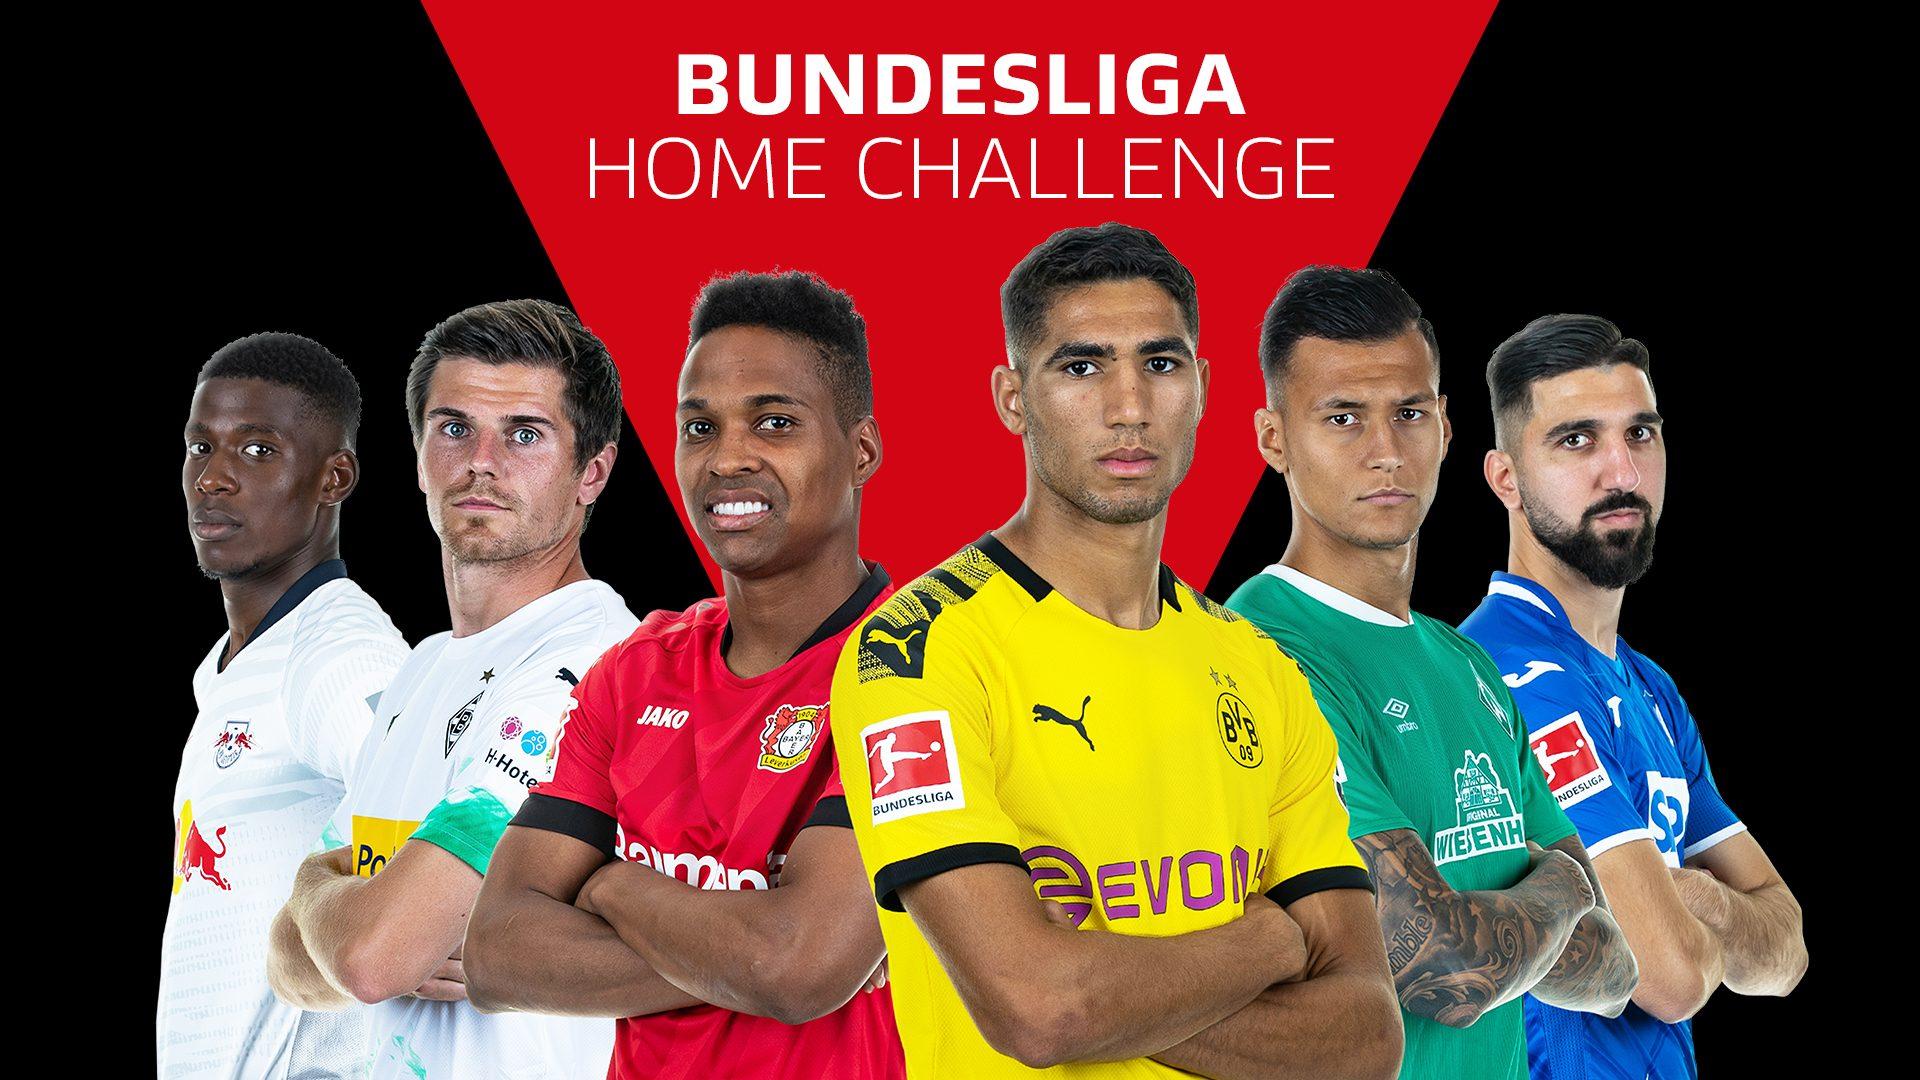 Bundesliga Home Challenge on FIFA 20